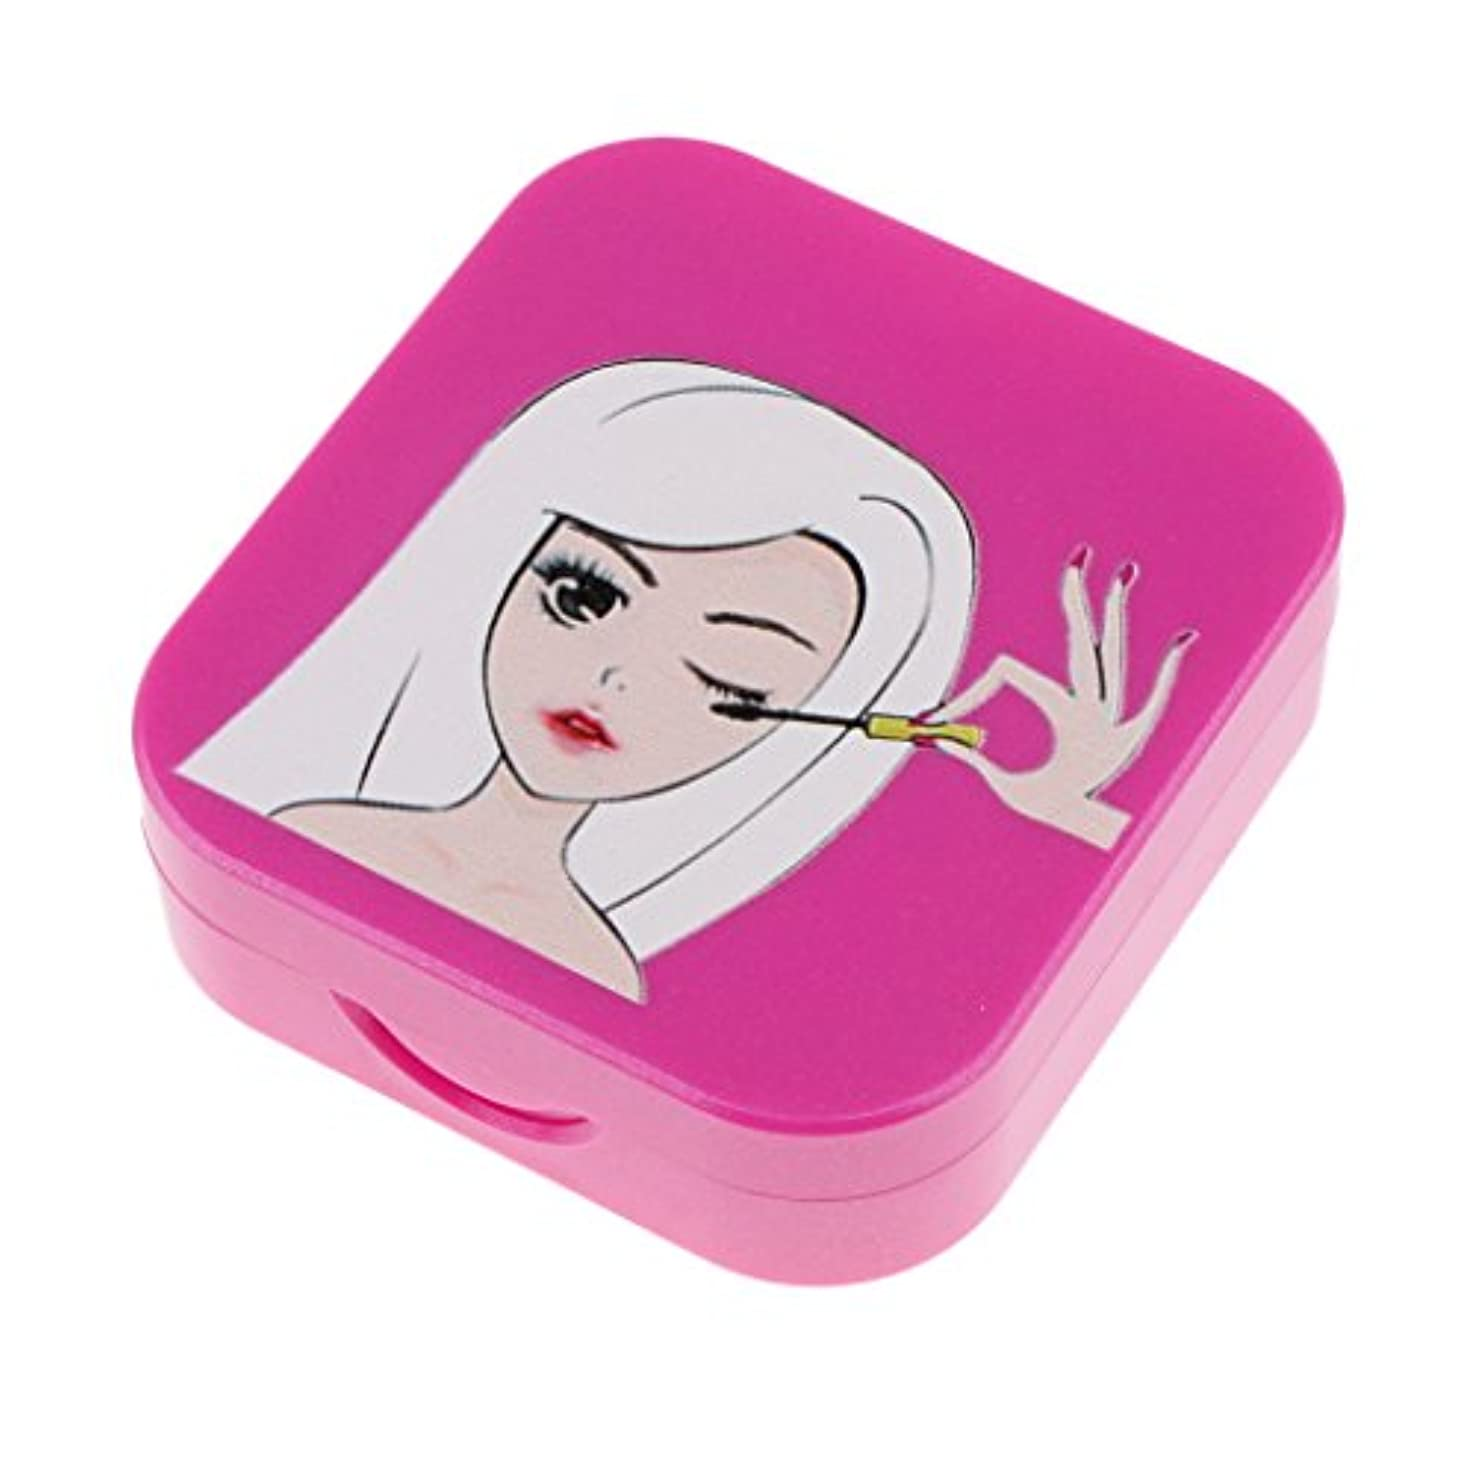 一方、リテラシーシガレットBaosity まつげ収納ケース まつげ 付けまつげ 収納ボックス 便利 可愛い 全3色  - パープルレッド